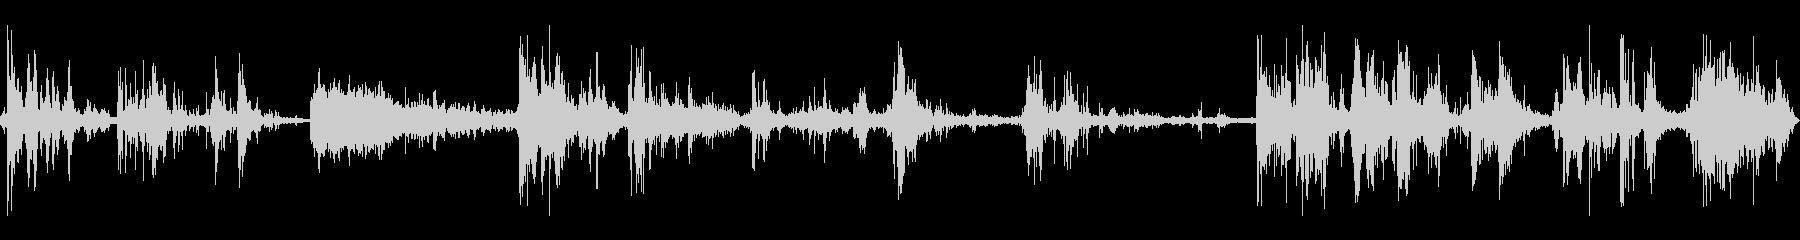 カミナリ(遠雷)の未再生の波形